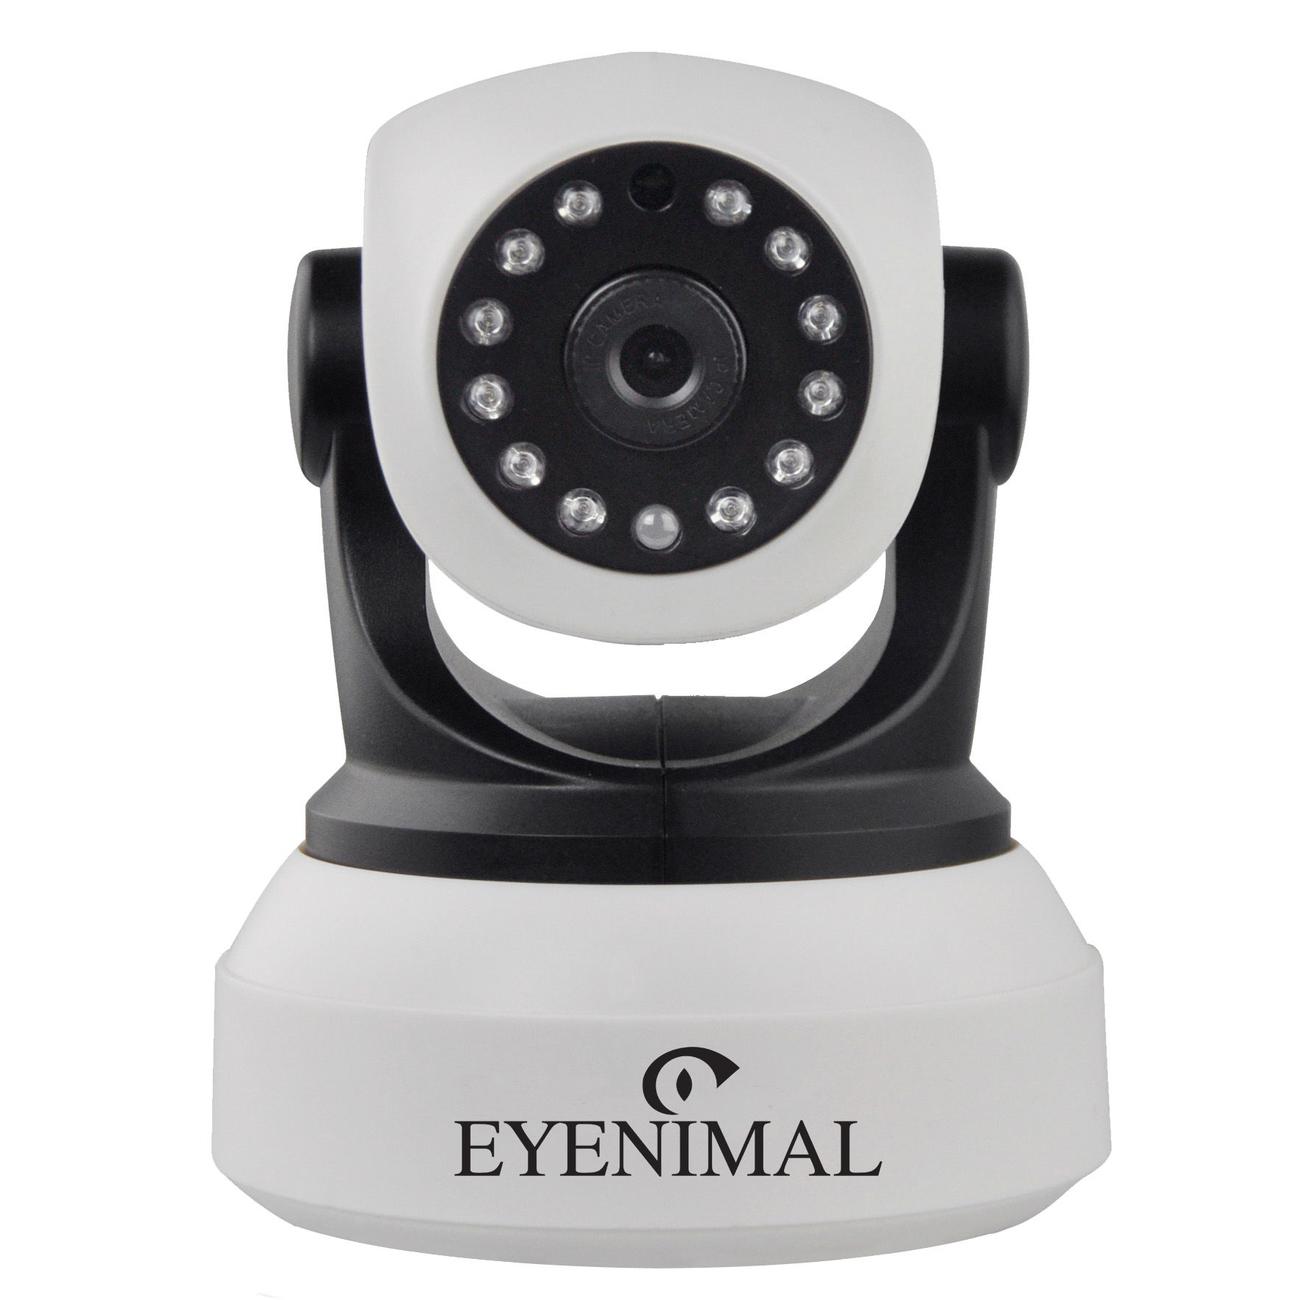 Eyenimal EYENIMAL Pet Vision Live HD Haustier Überwachungskamera